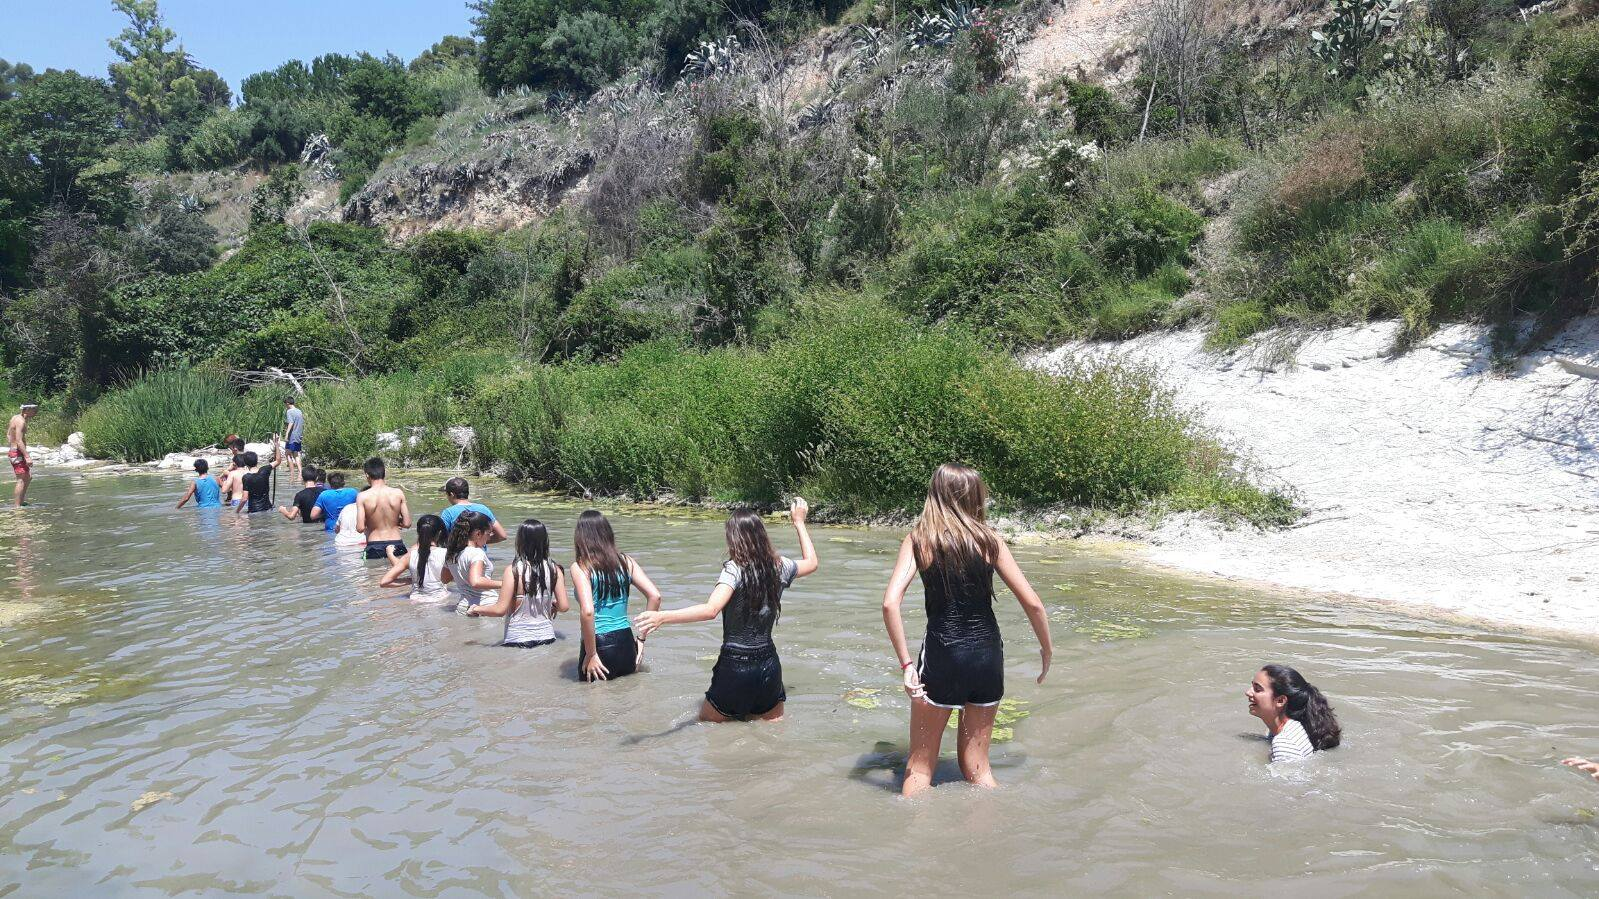 Un trekking aquàtic per a combatre la calor El Periòdic d'Ontinyent - Noticies a Ontinyent